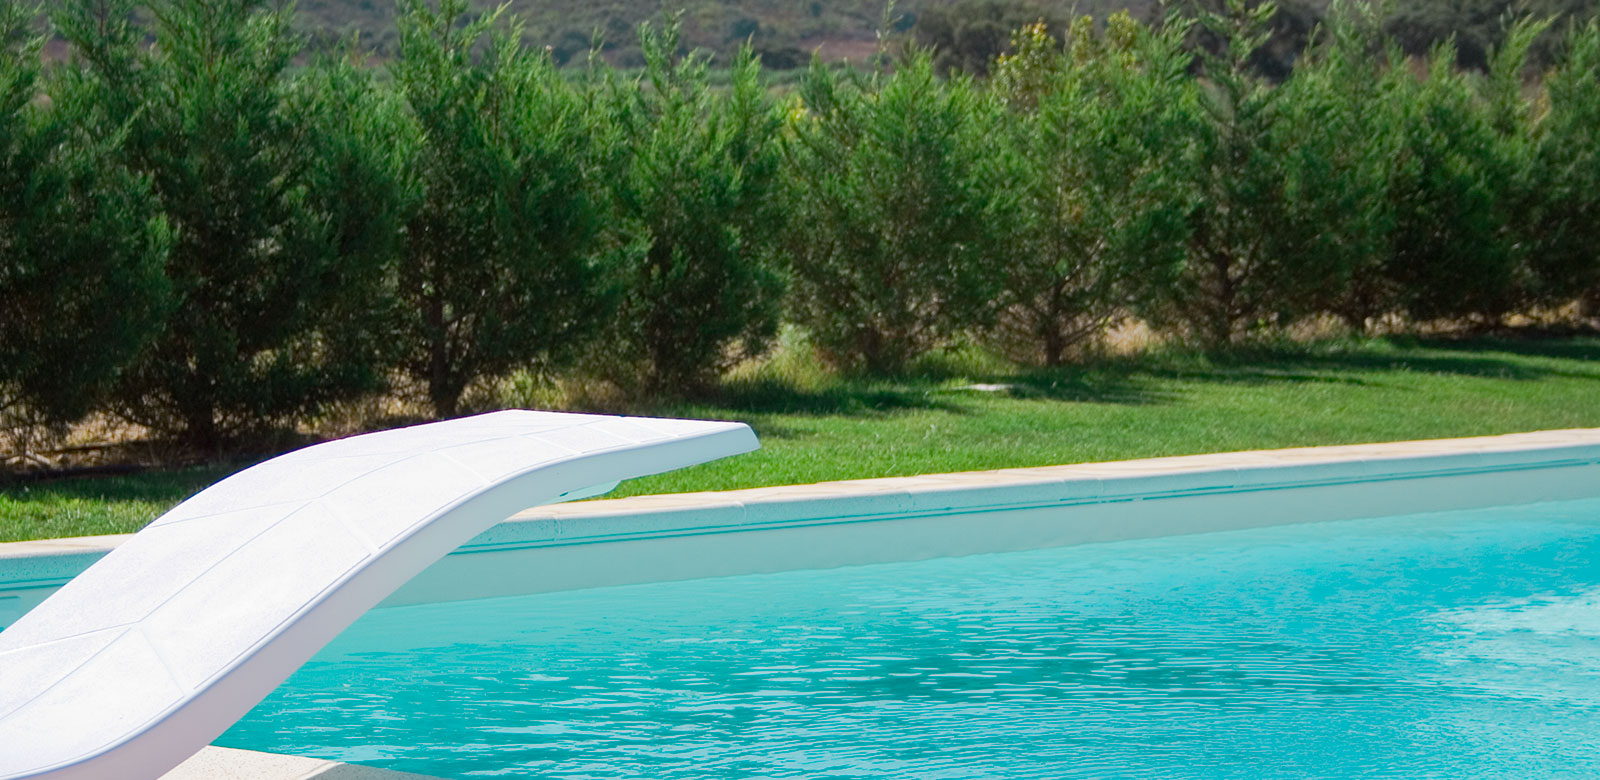 piscine-dessi-11